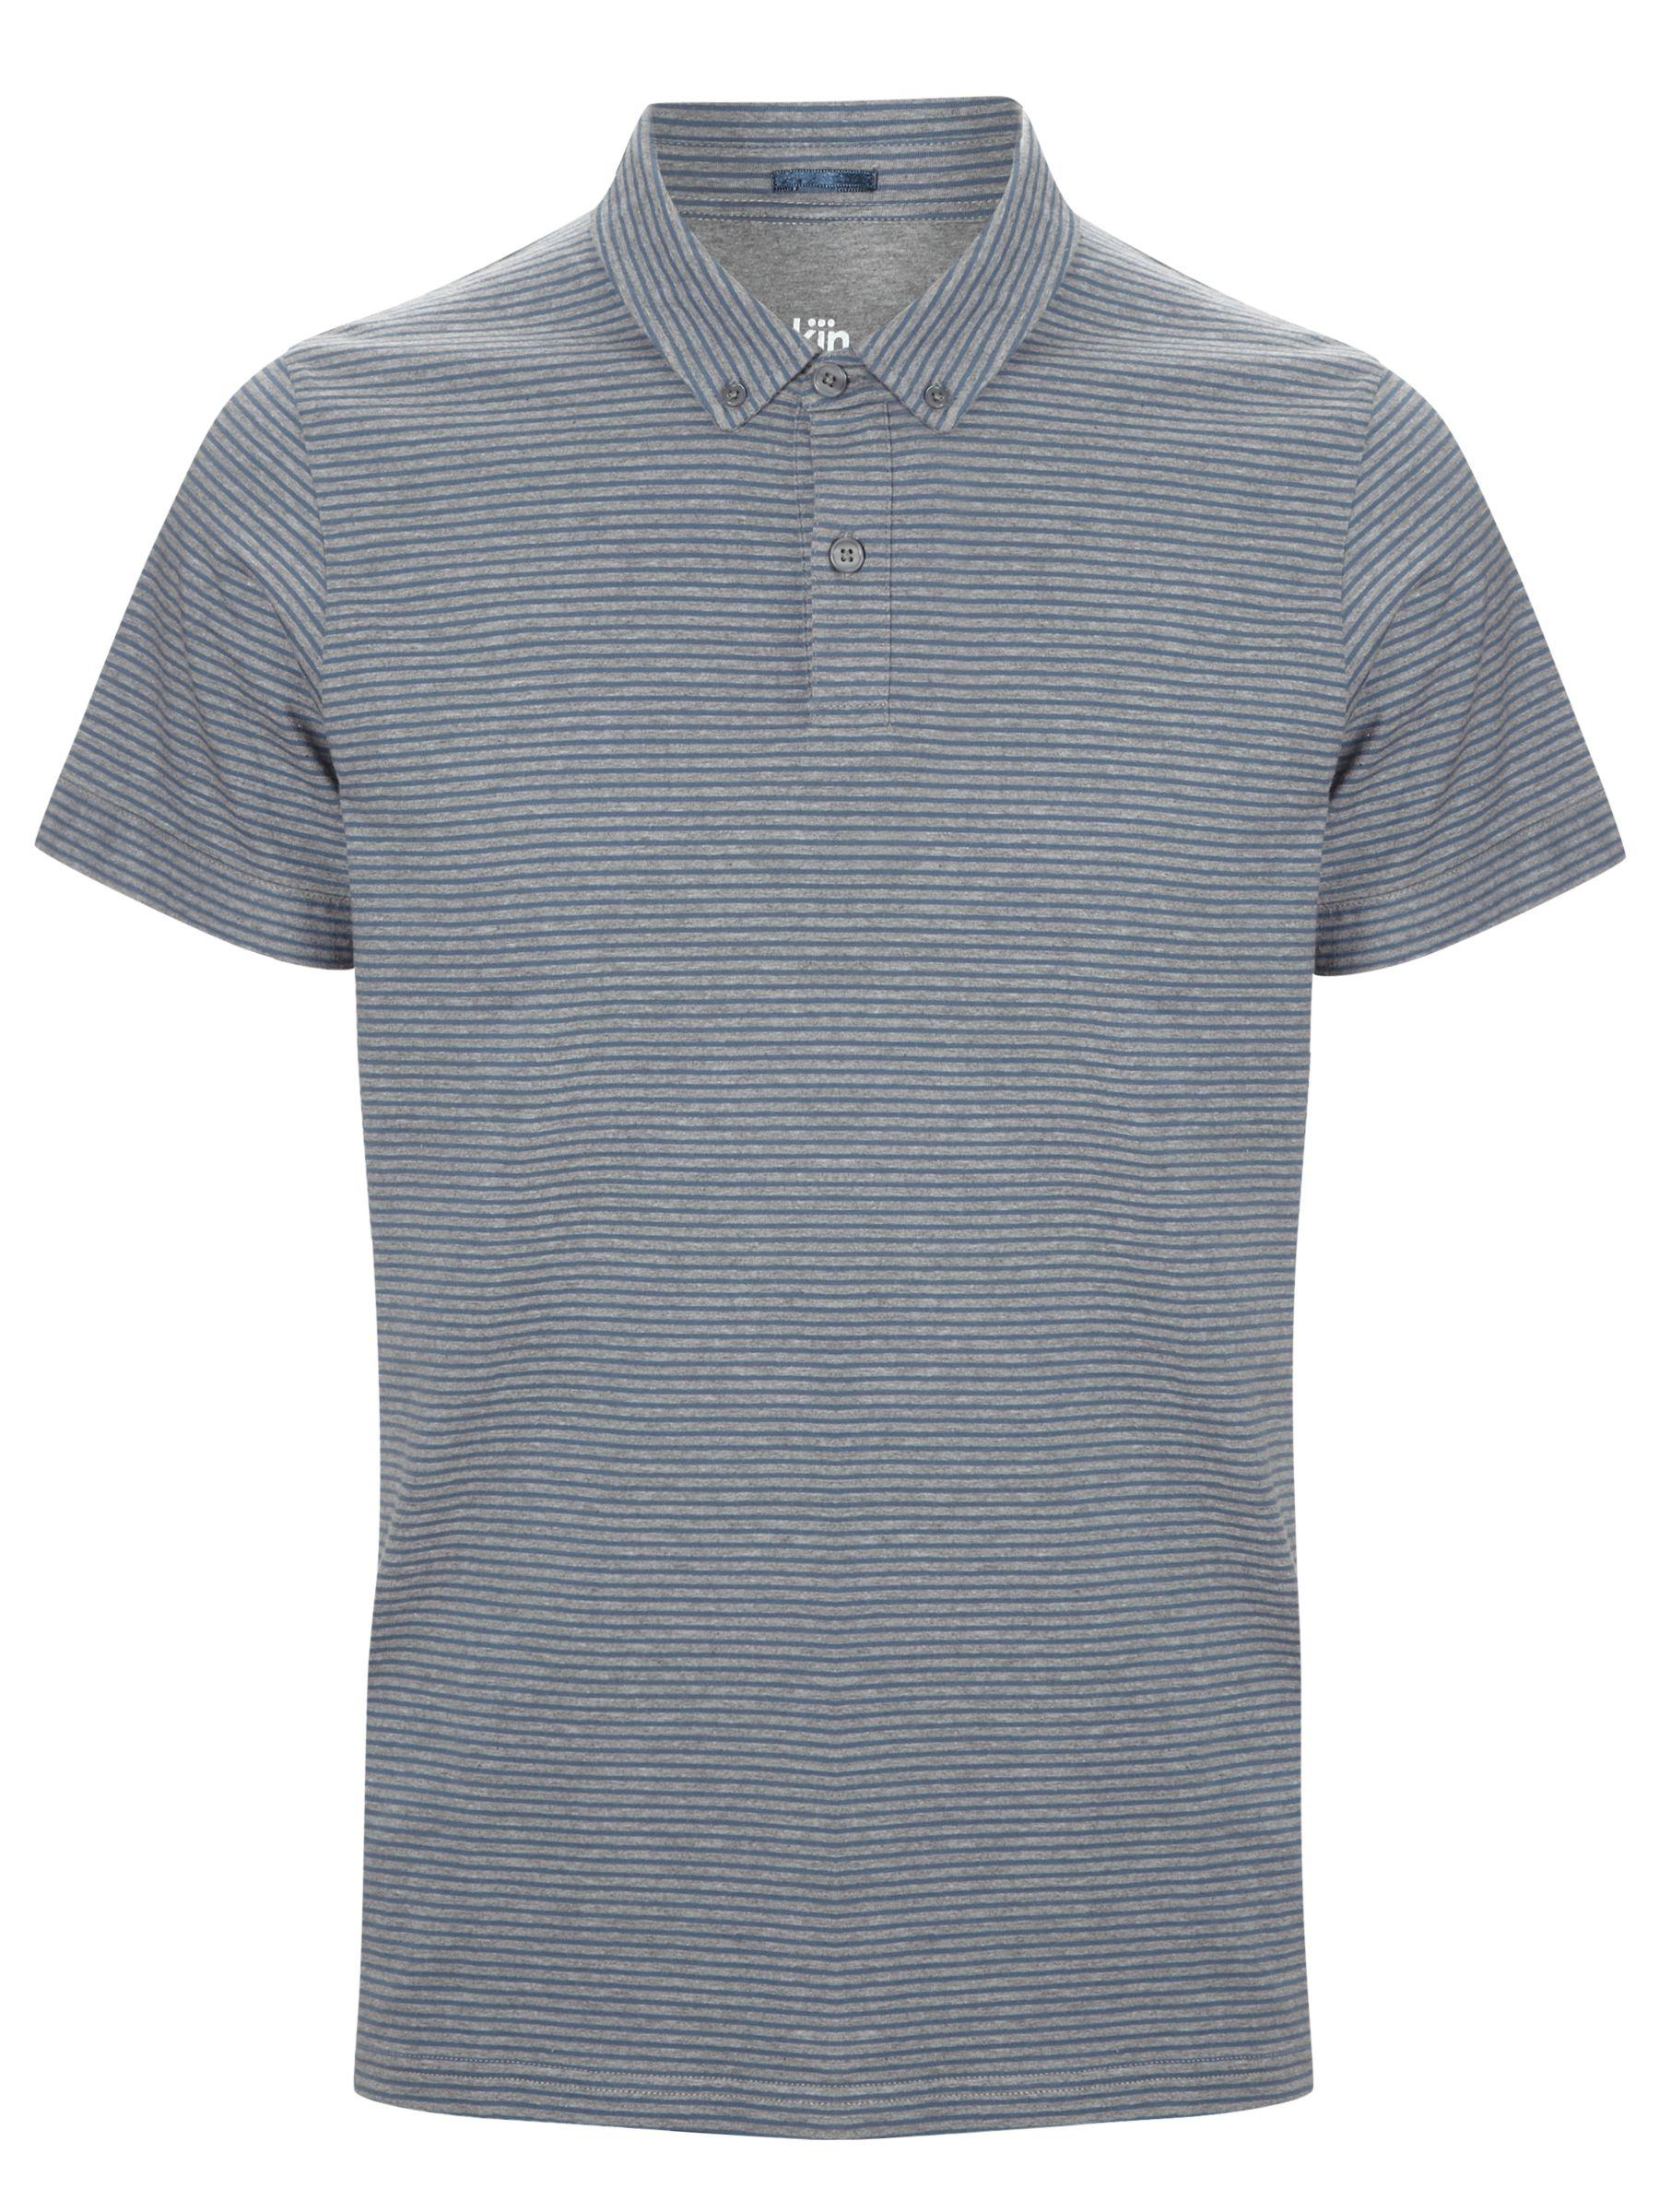 Kin by John Lewis Jersey Stripe Polo Shirt, Navy